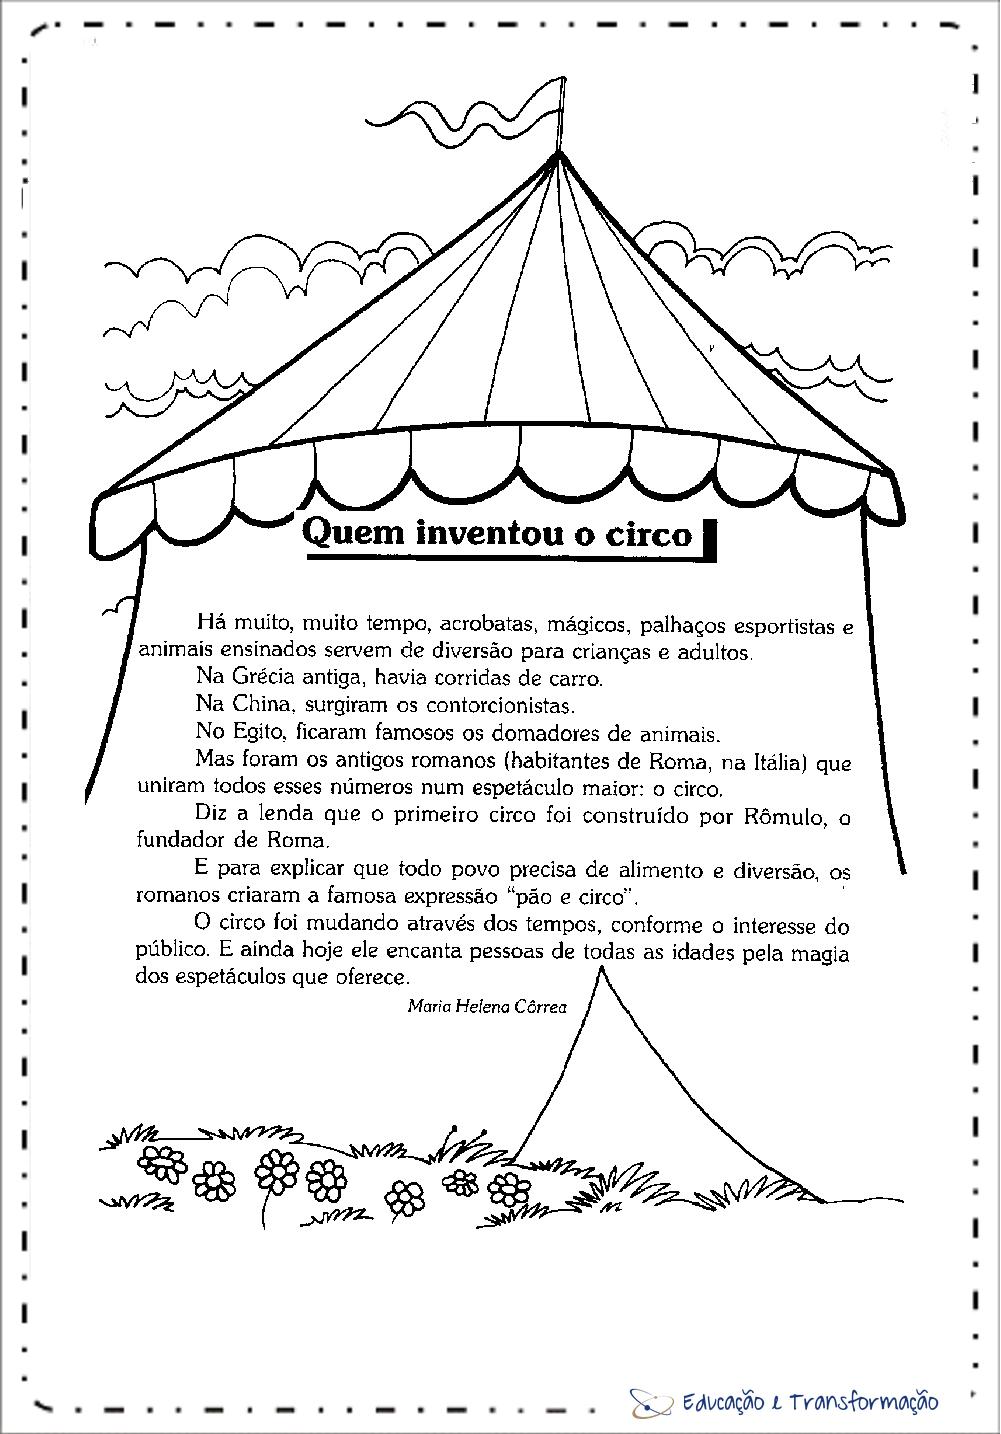 Textos sobre o Circo - Quem inventou o circo